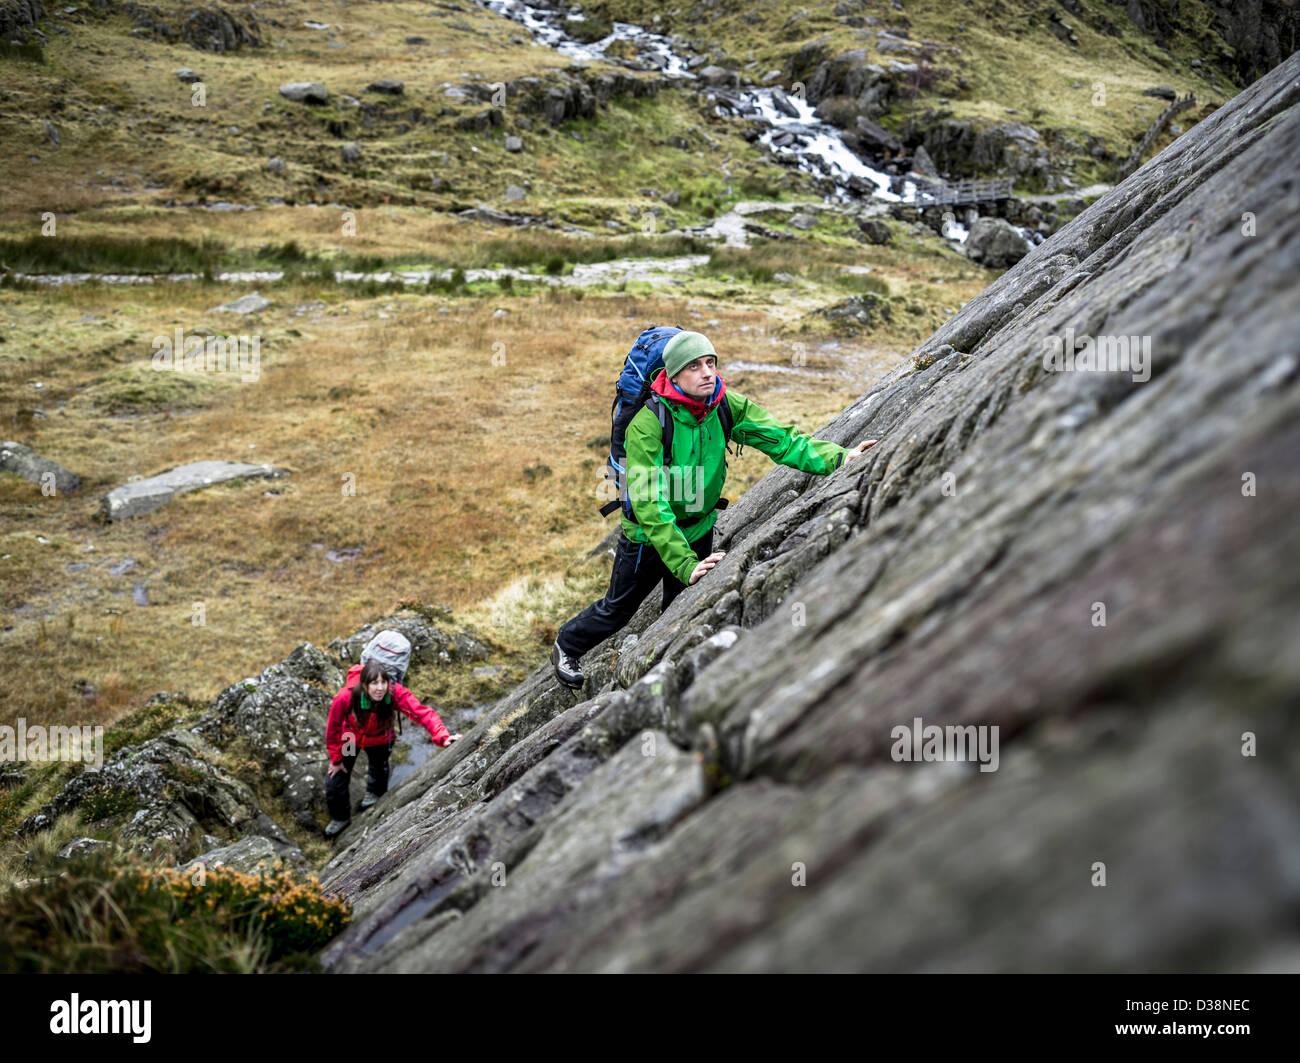 Excursionistas escalar roca empinada Imagen De Stock